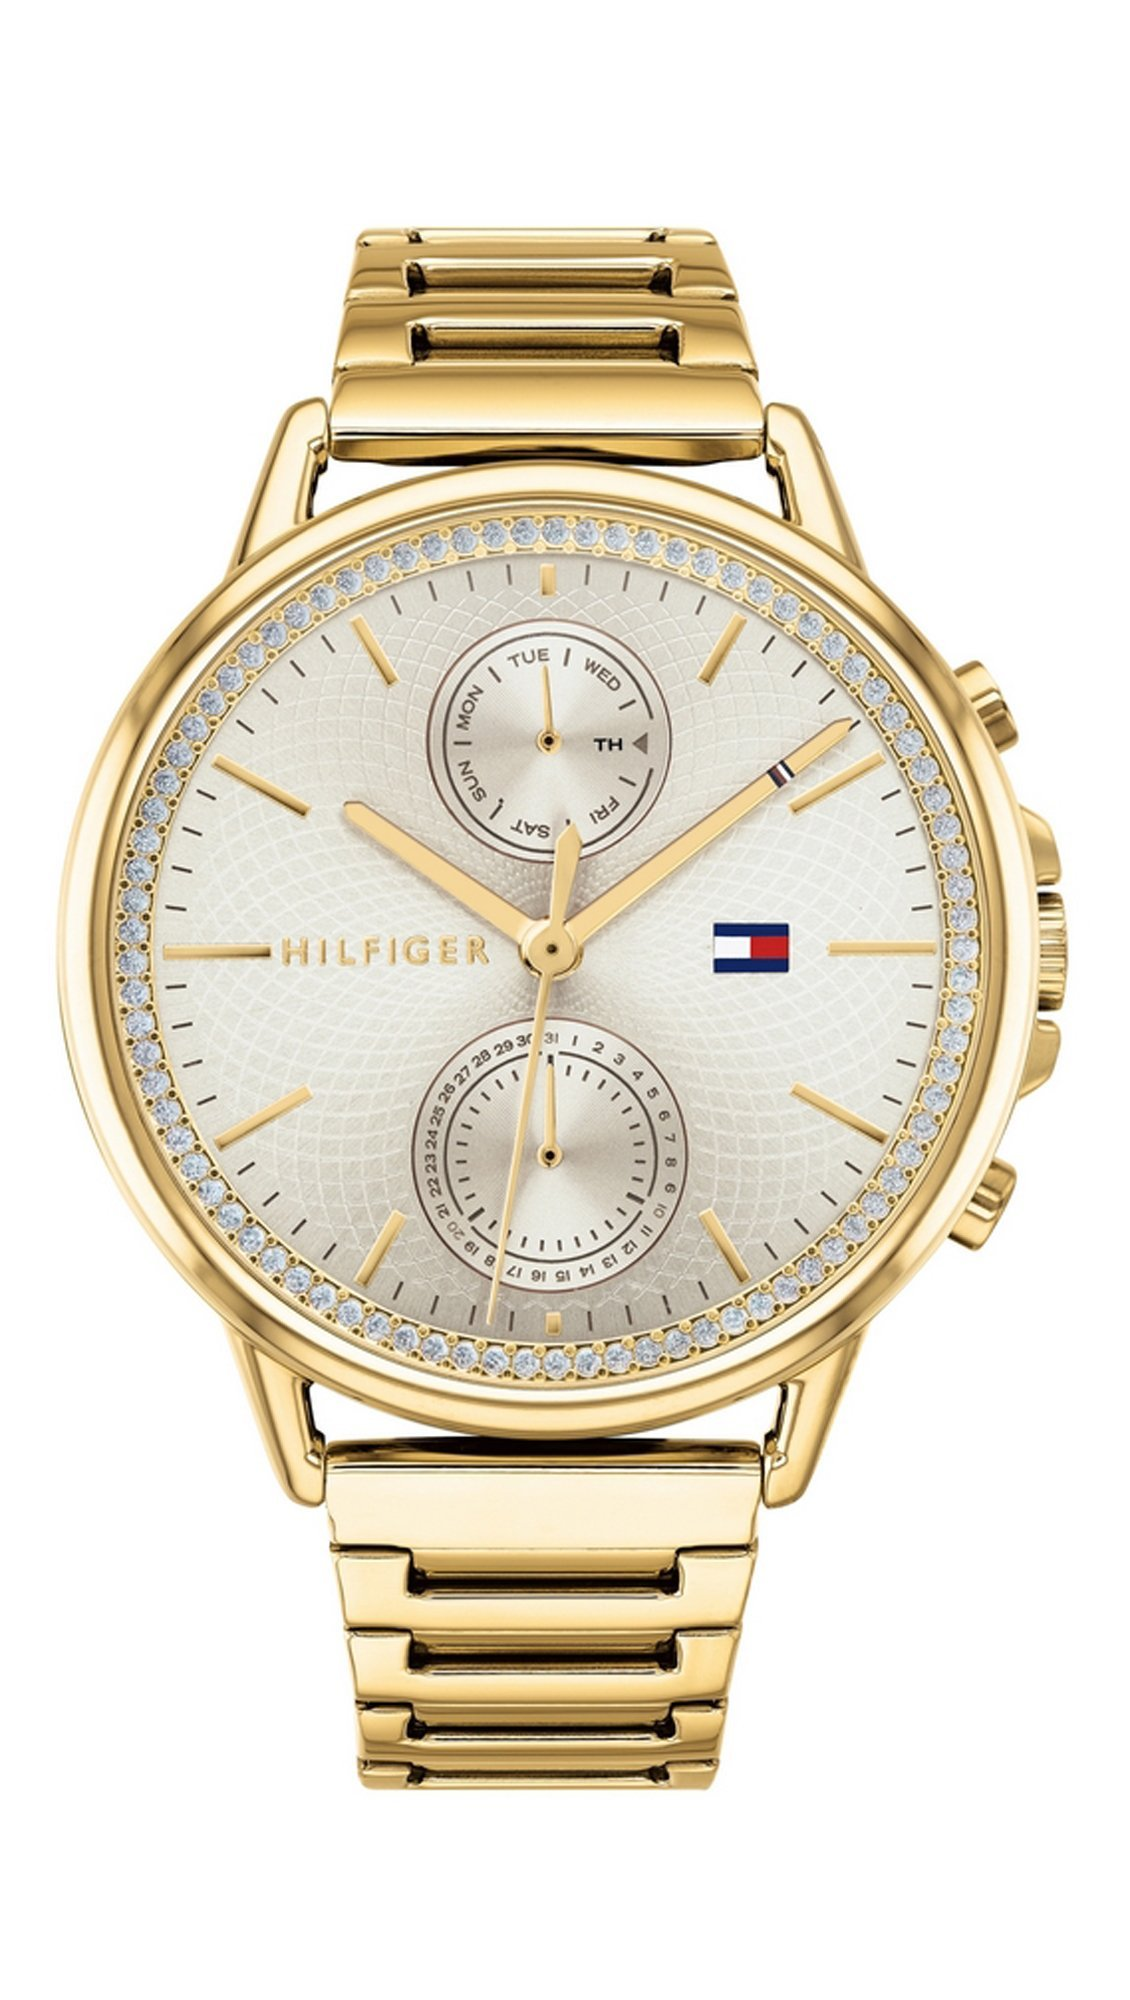 Ρολόι Tommy Hilfiger Carly πολλαπλών ενδείξεων με χρυσό μπρασελέ 1781916 02283e55c82